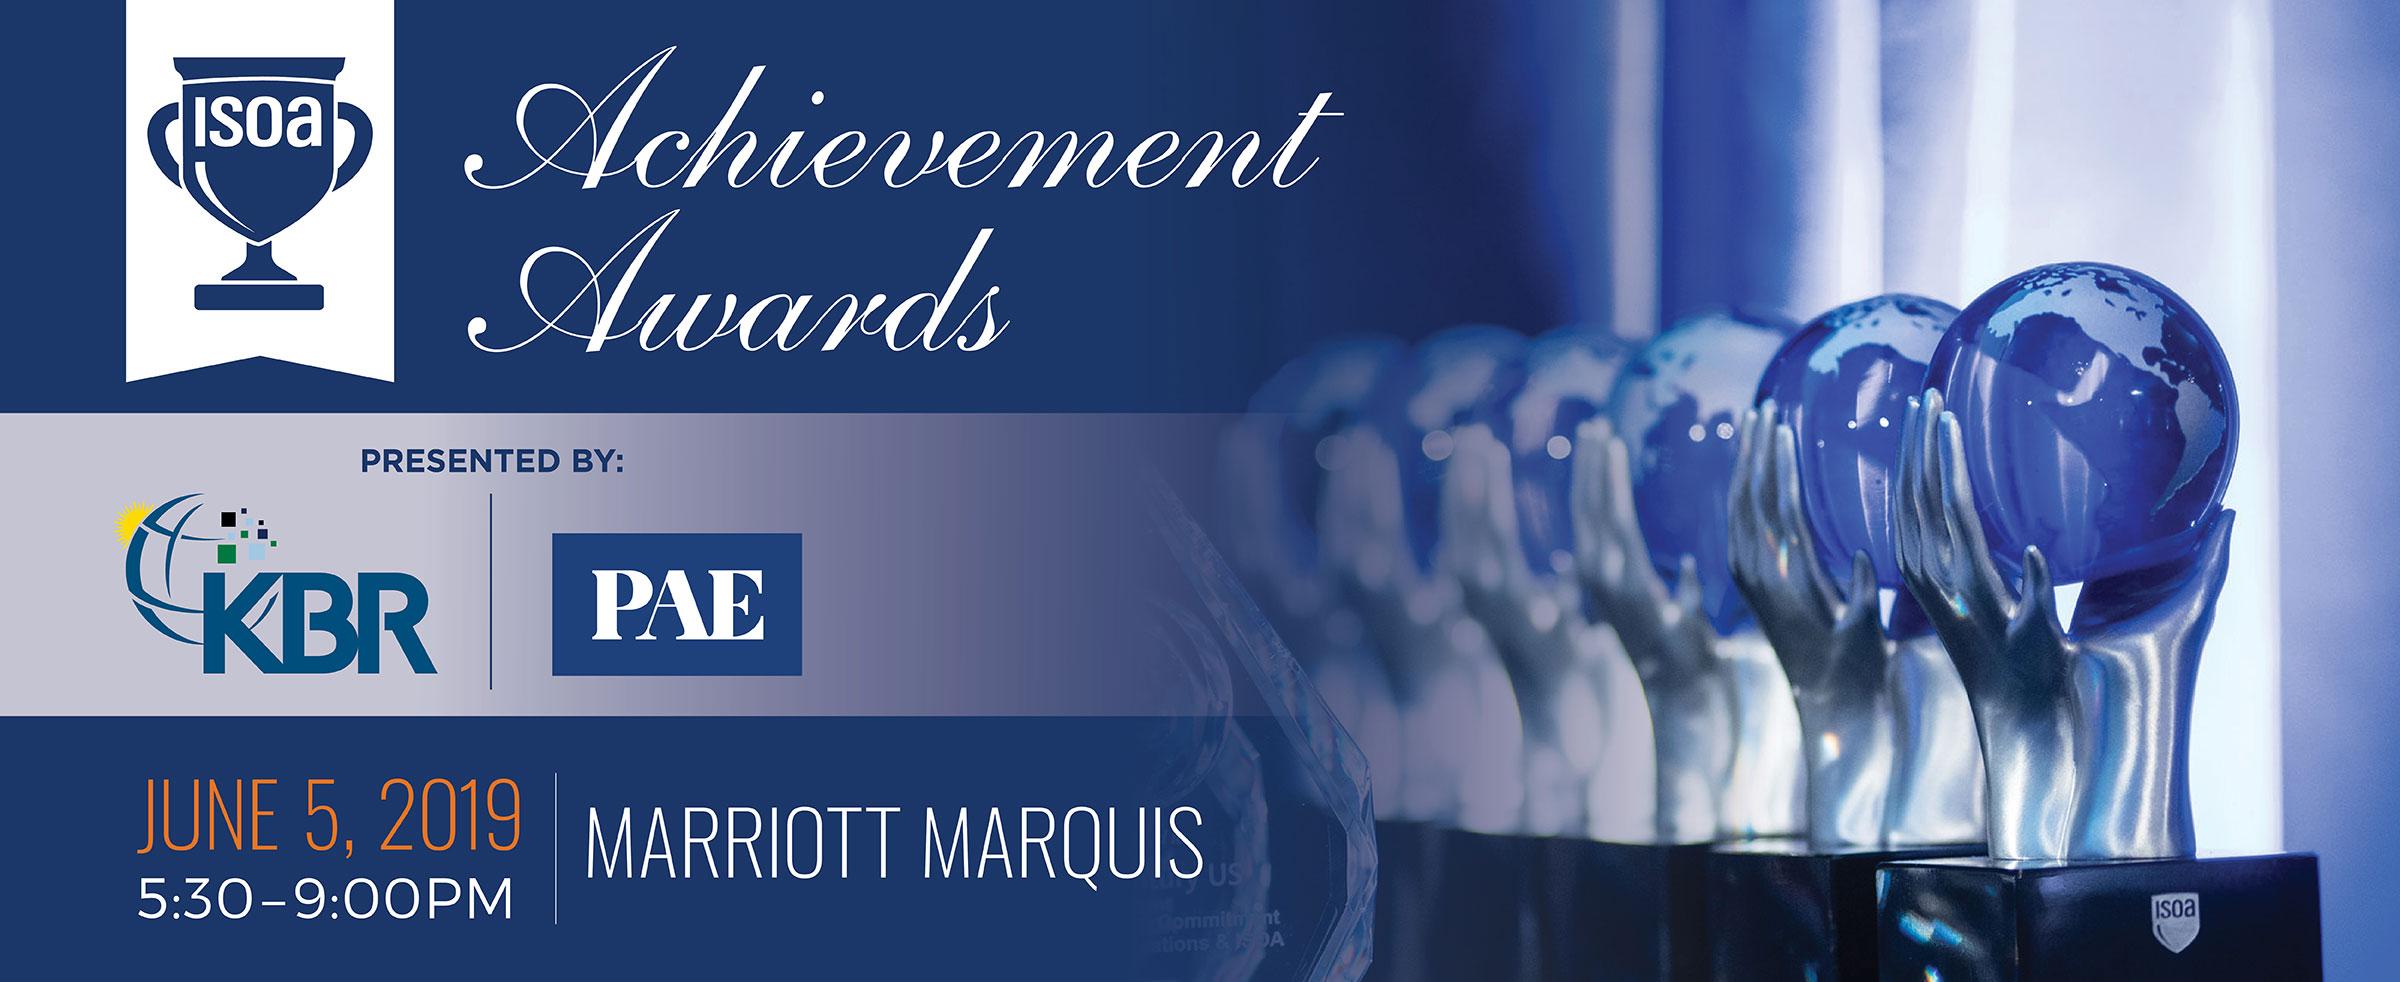 2019 ISOA Achievement Awards - June 5 - Washington DC